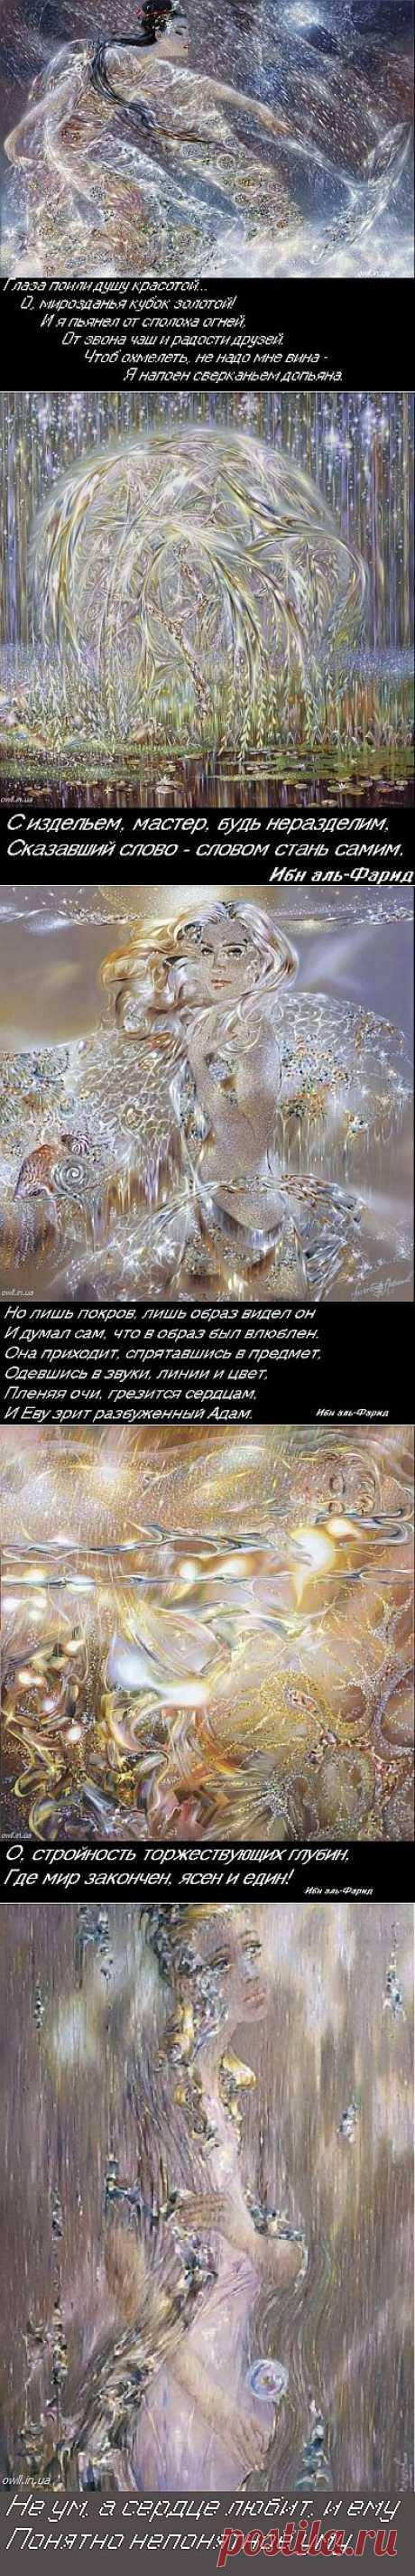 OWL Блюз - Ибн аль-Фарид и художник А.Маранов - дуэт, сквозь века...